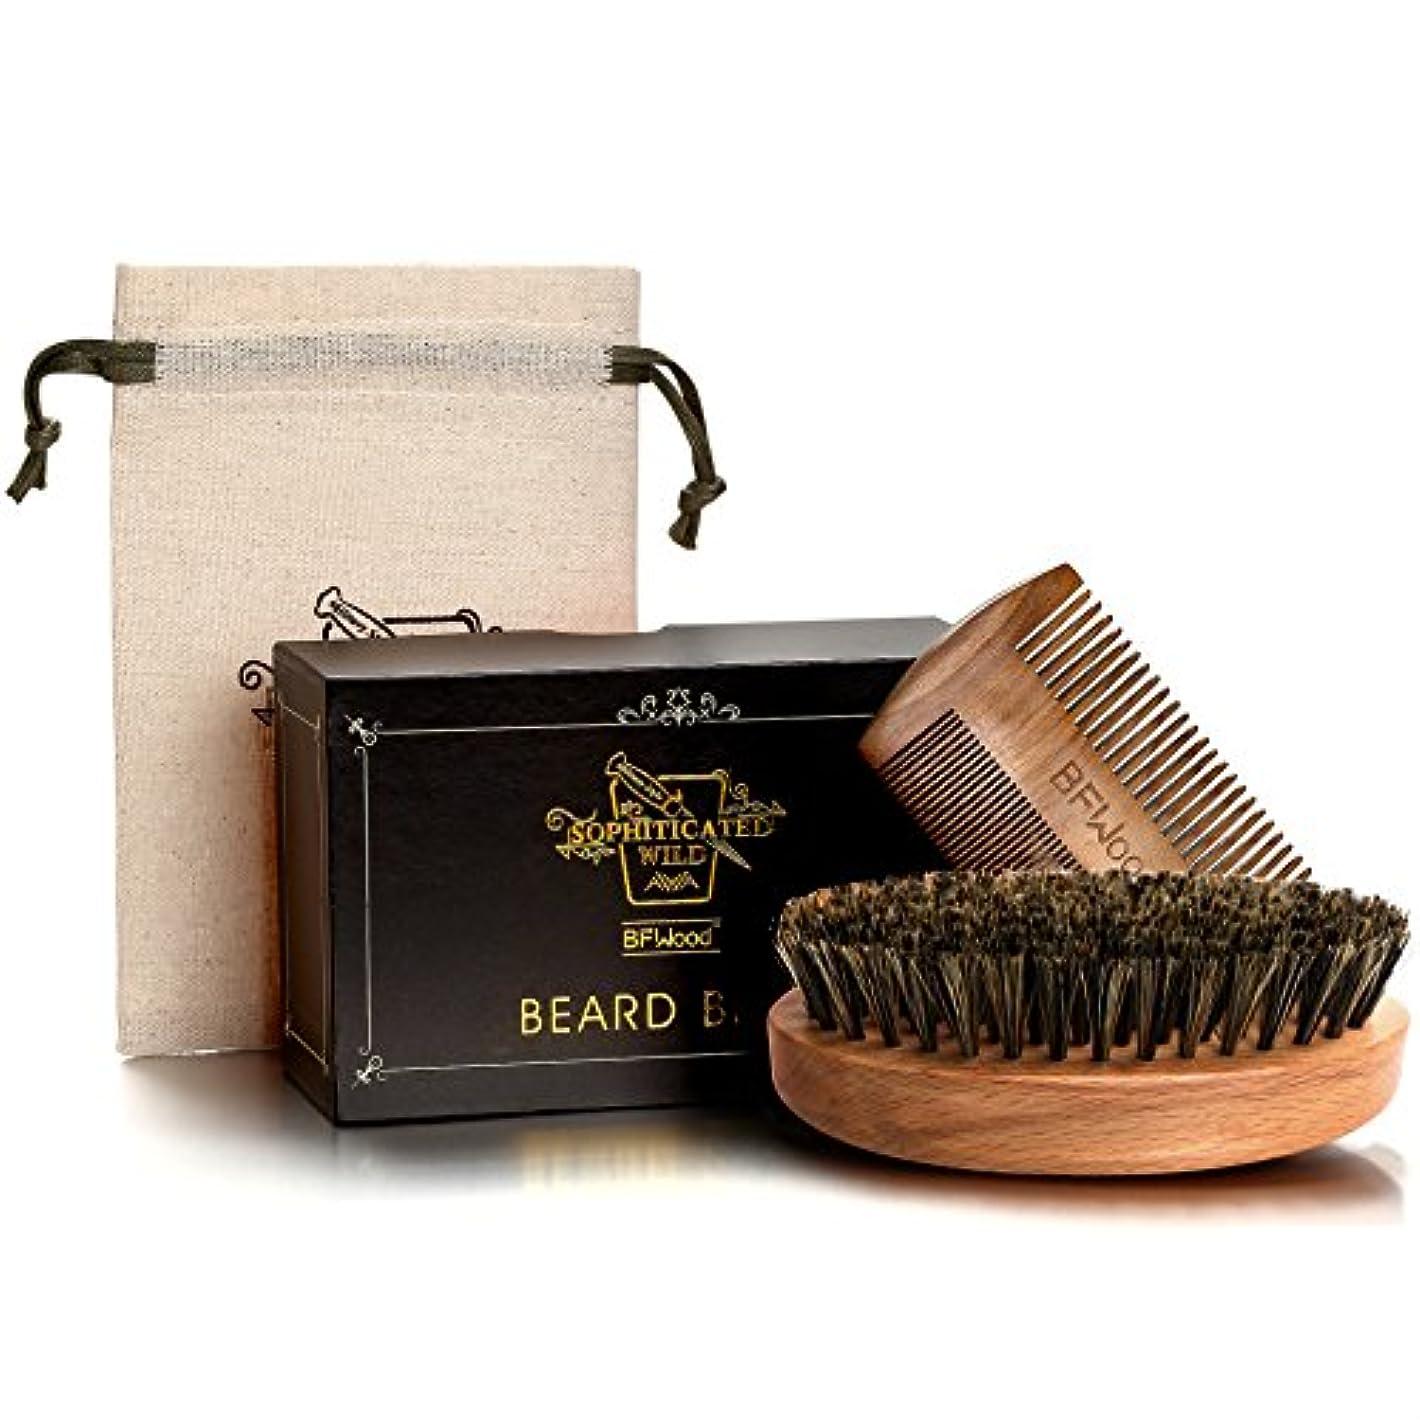 努力するマウントナビゲーションBFWood Beard Brush Set 豚毛髭ブラシと木製コム アメリカミリタリースタイル (ブラシとコムセット)